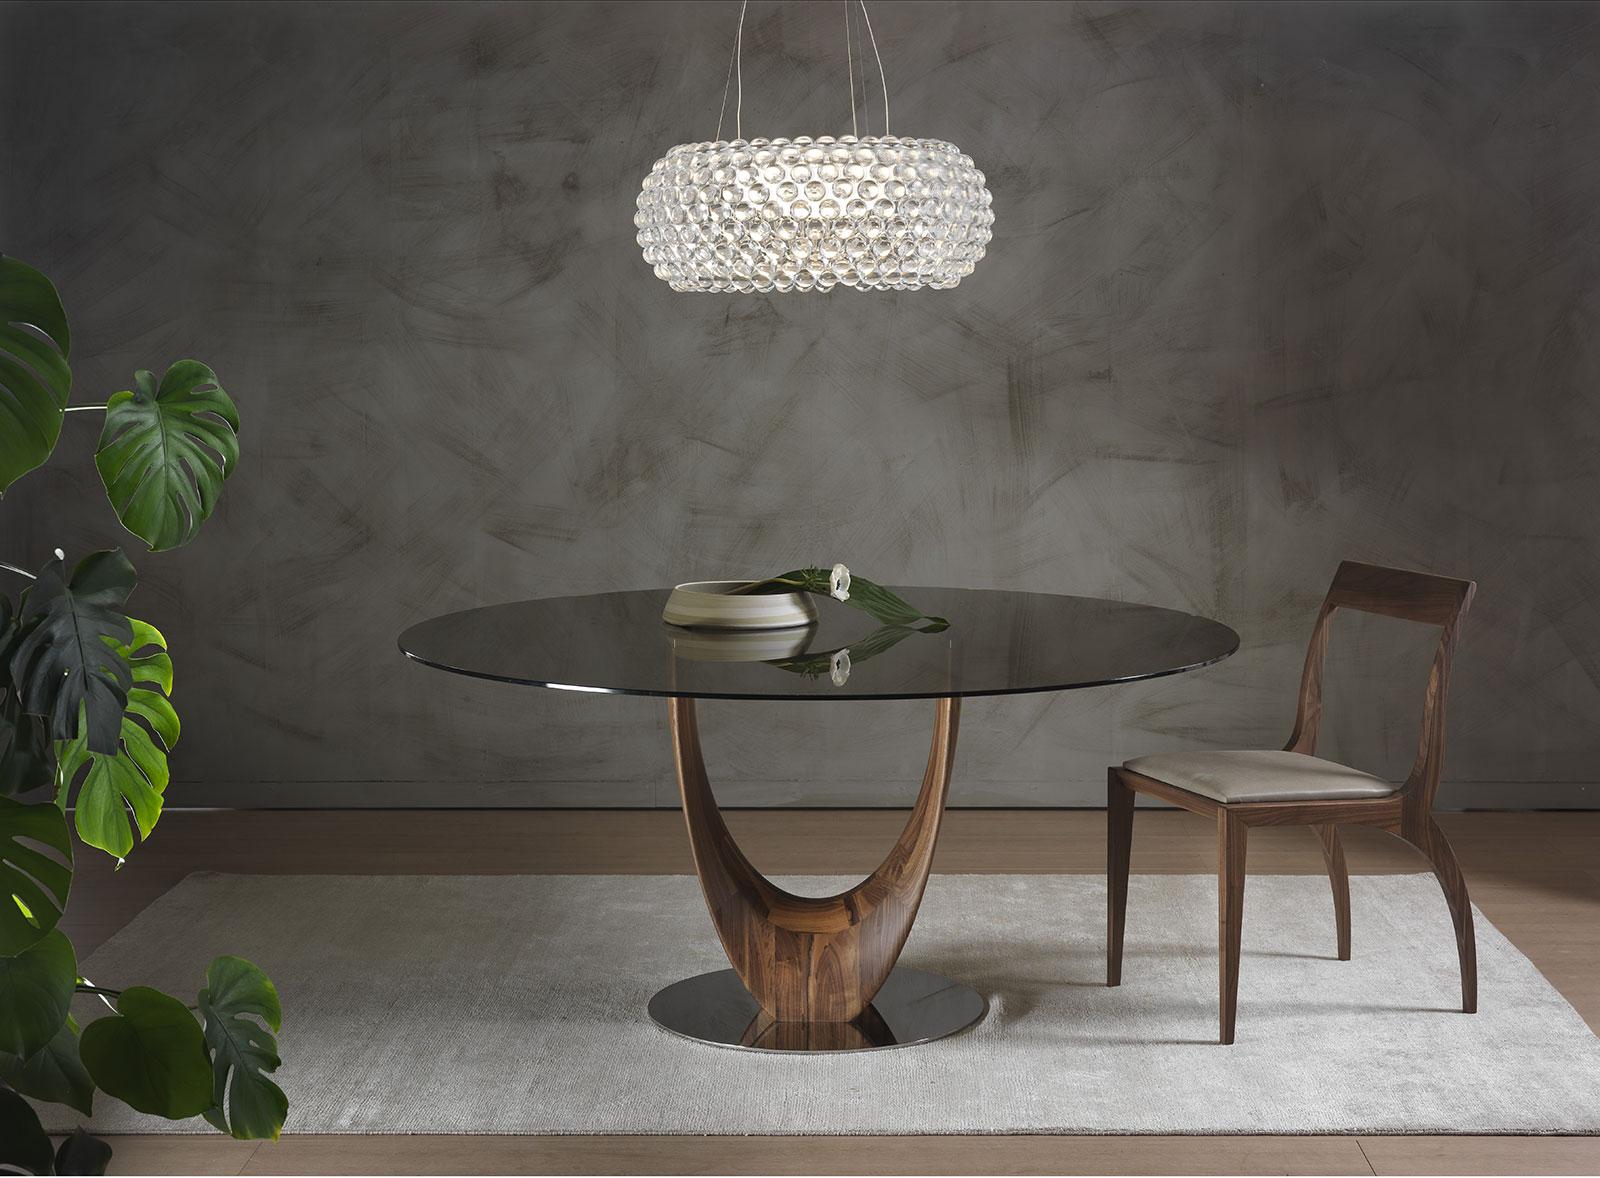 Tavoli Da Pranzo Rotondi In Vetro.Axel Tavolo Da Pranzo Rotondo Italy Dream Design